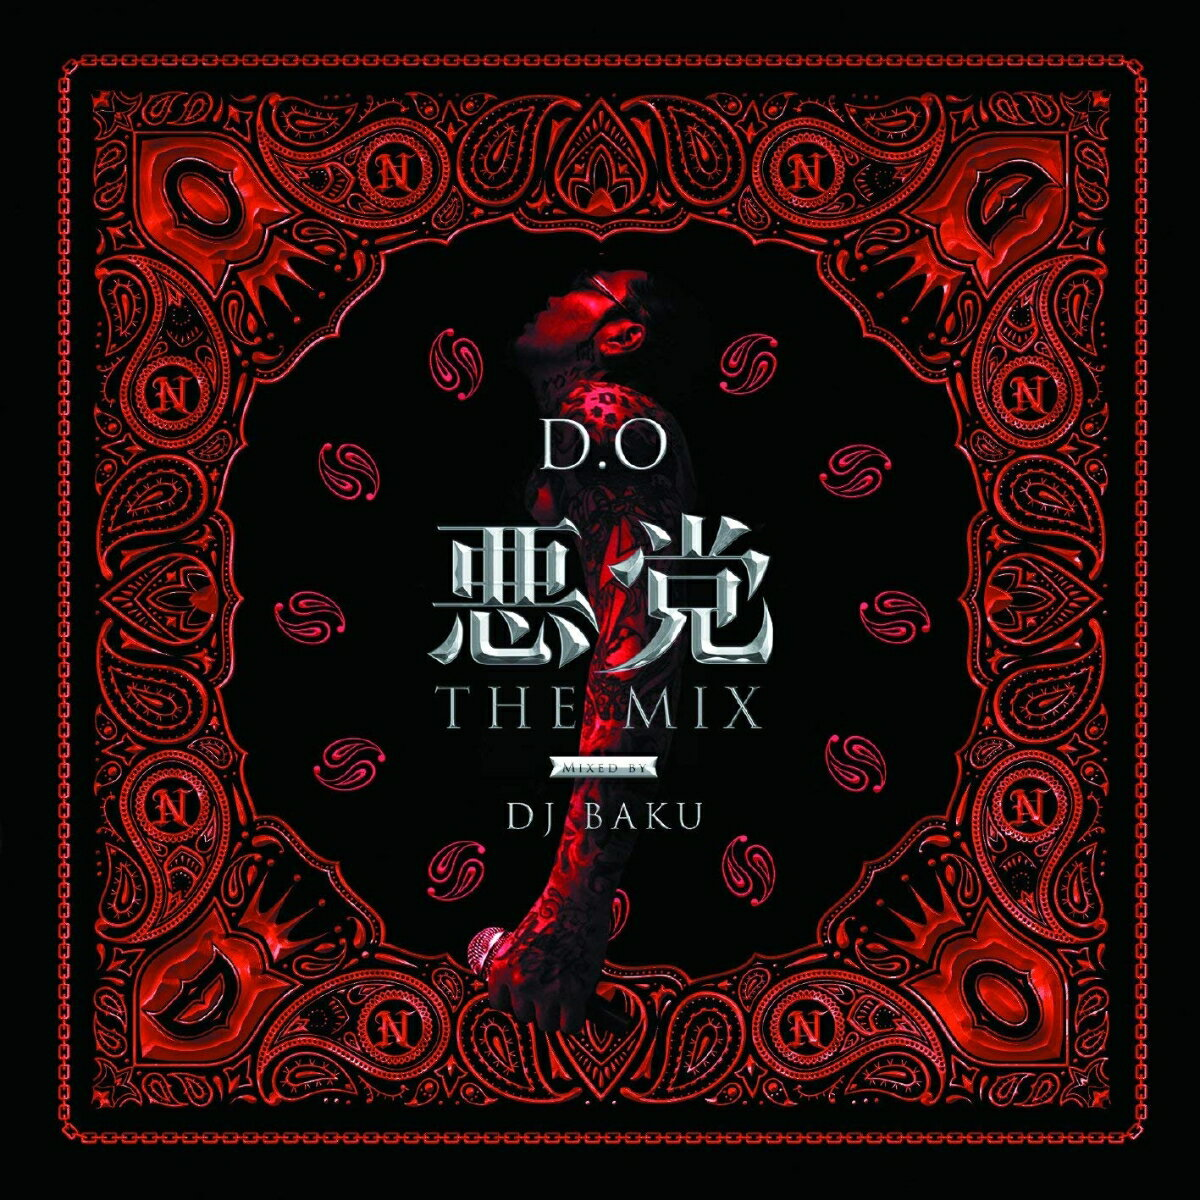 悪党 THE MIX - Mixed by DJ BAKU [ D.O ]